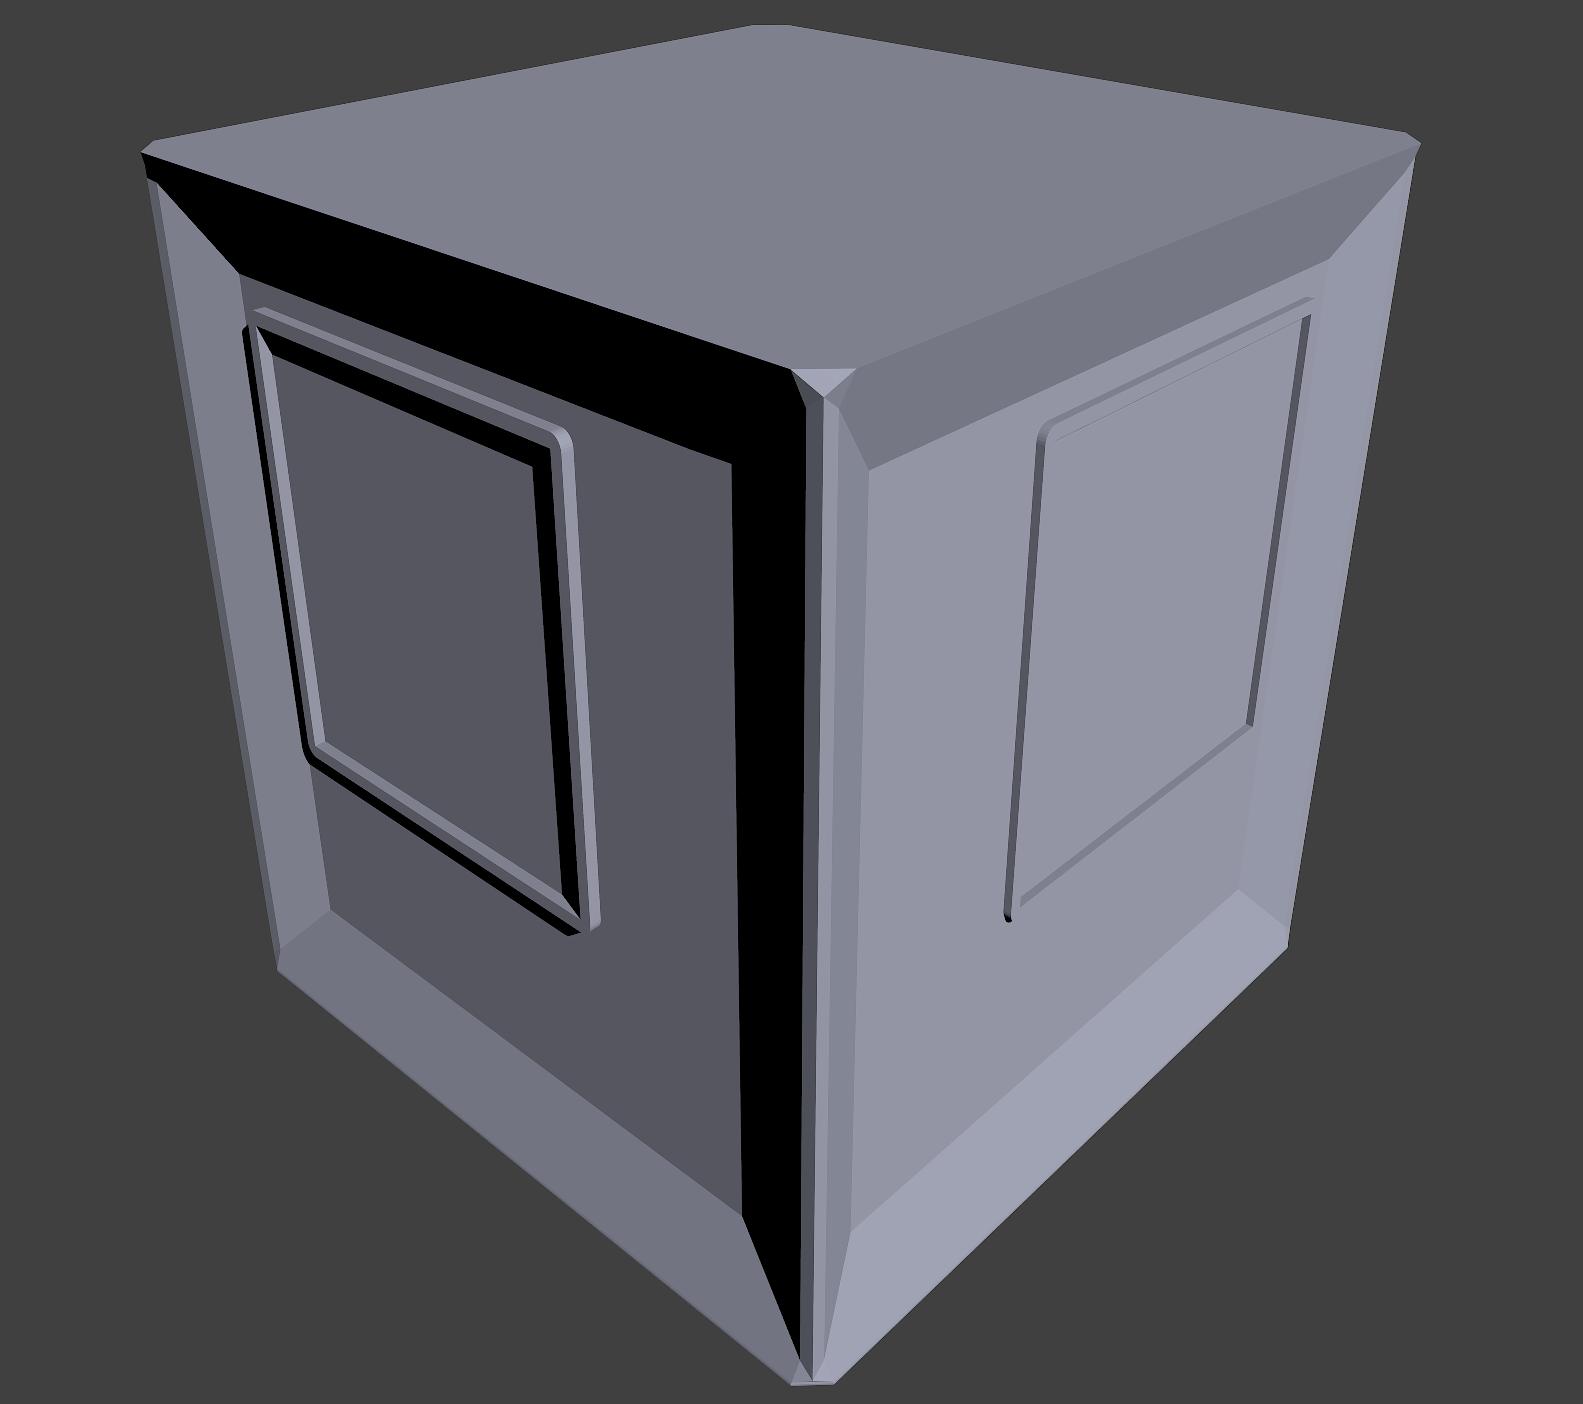 The Cube - 3D model (Blender)